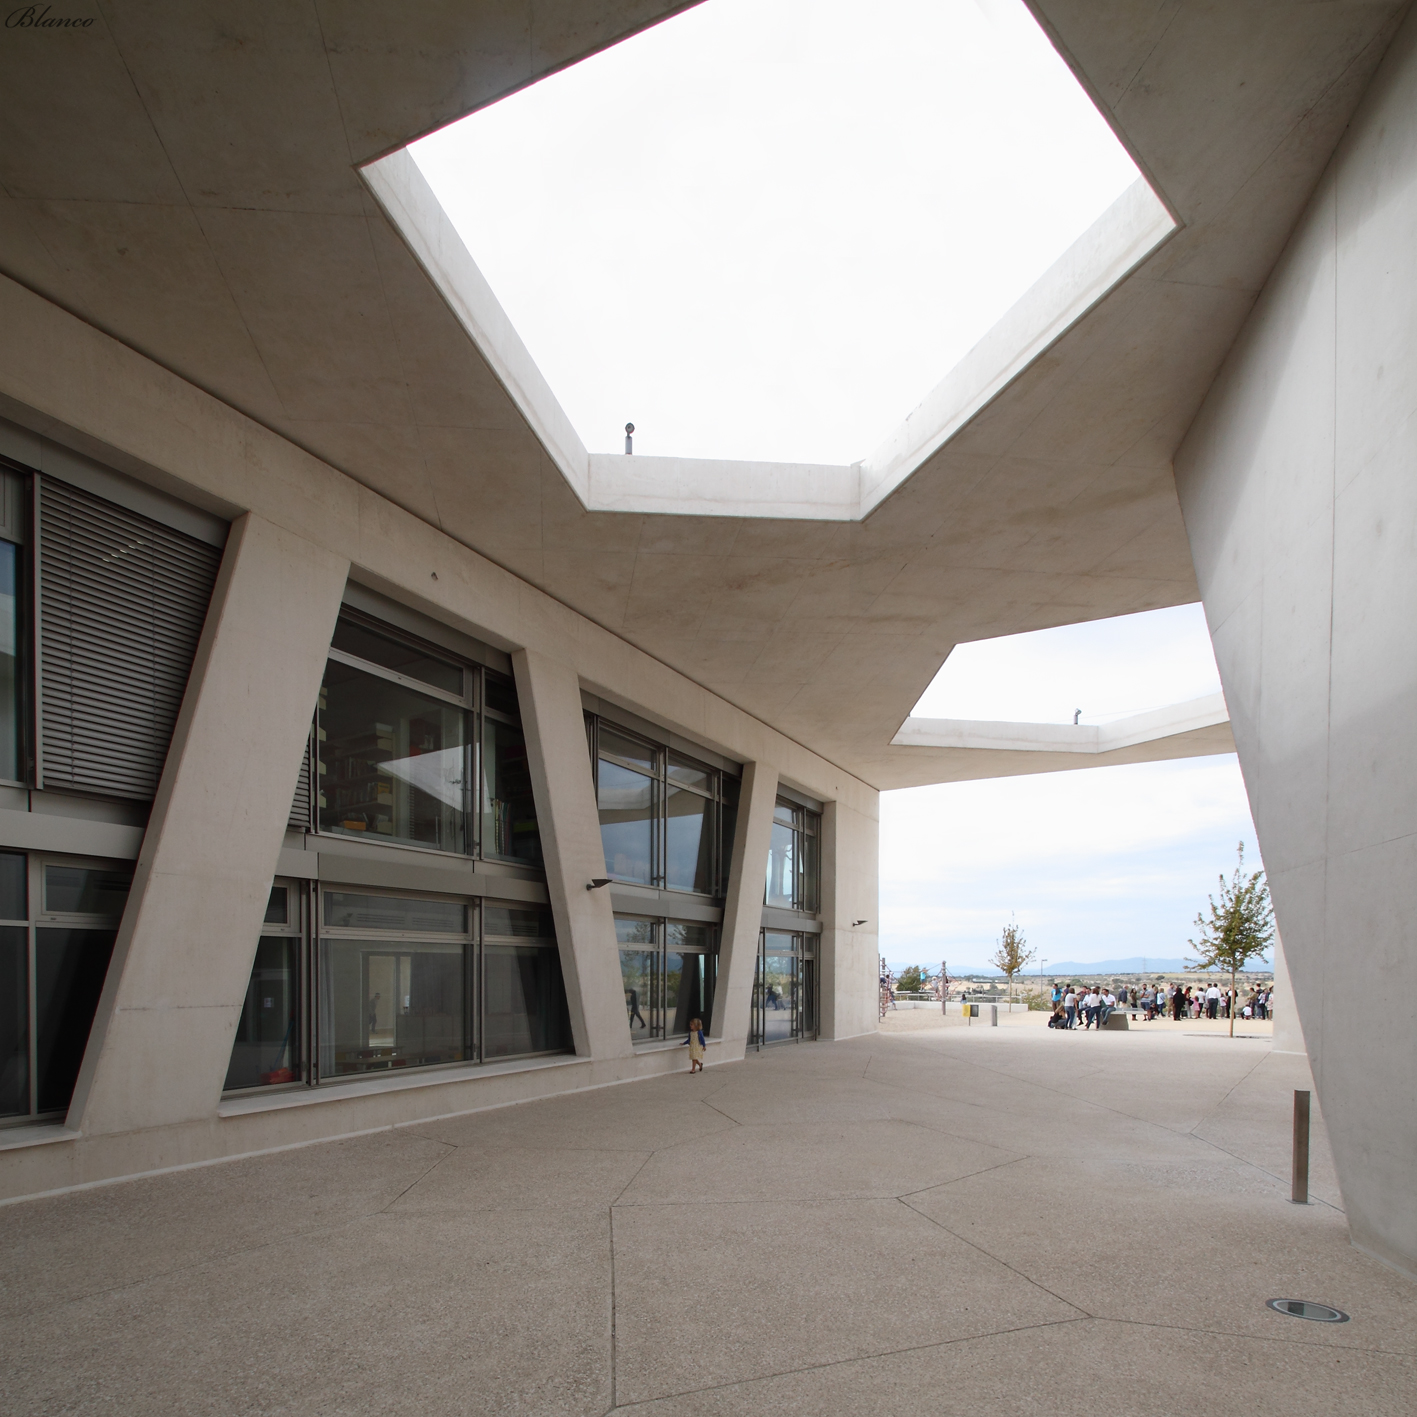 Madrid en foto - Estudio de arquitectura madrid ...